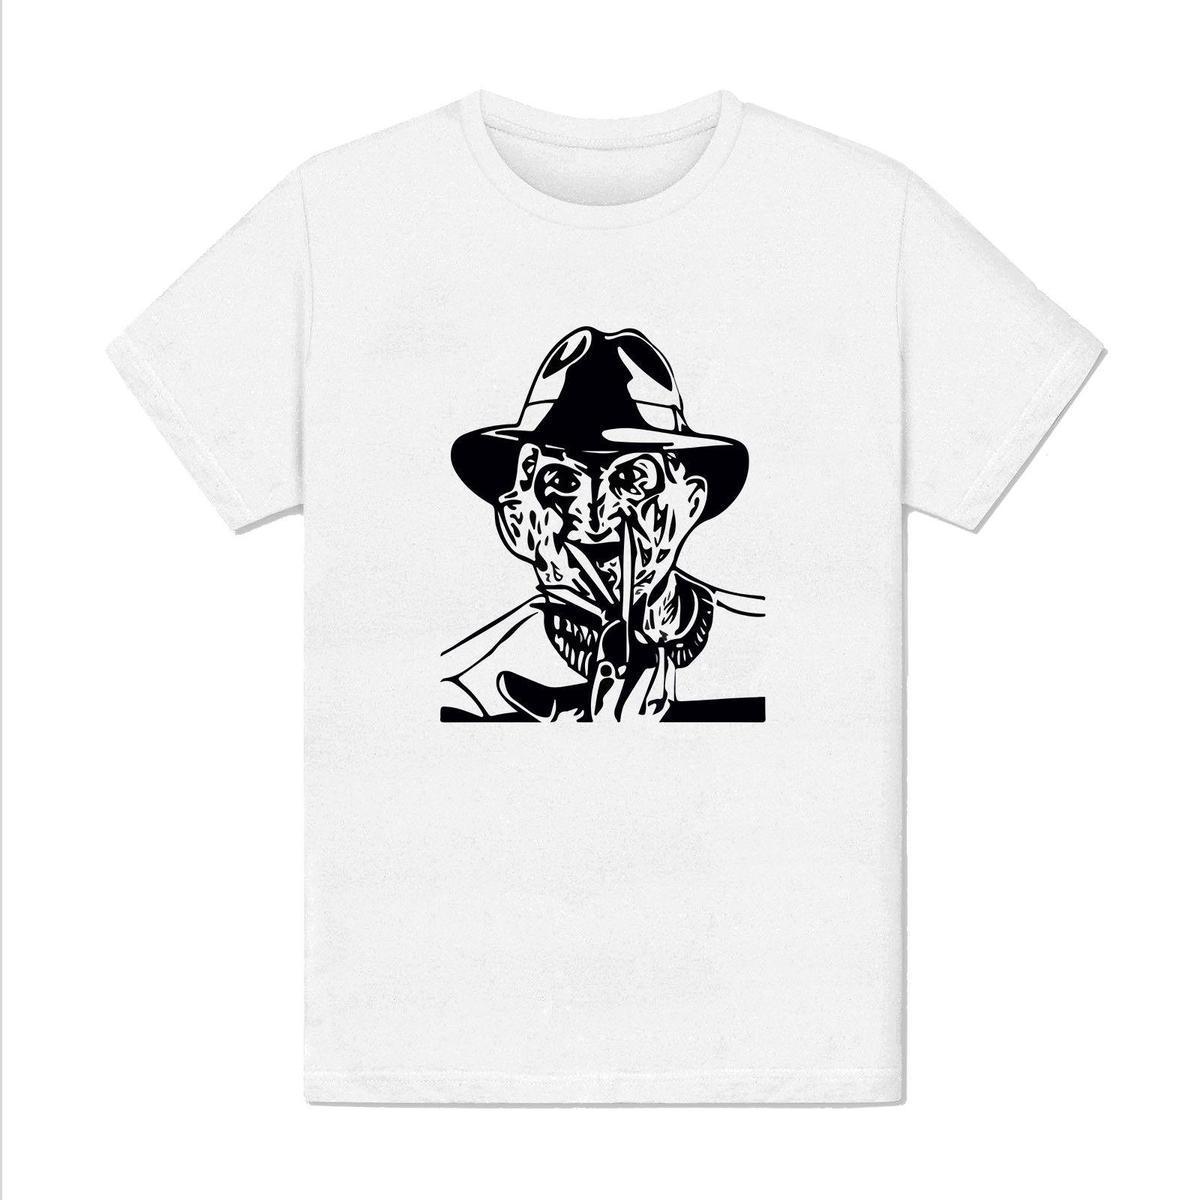 Griffes Camiseta Cinéma De Homme Freddy La Nuit Krueger Compre Les wk8nXNO0P